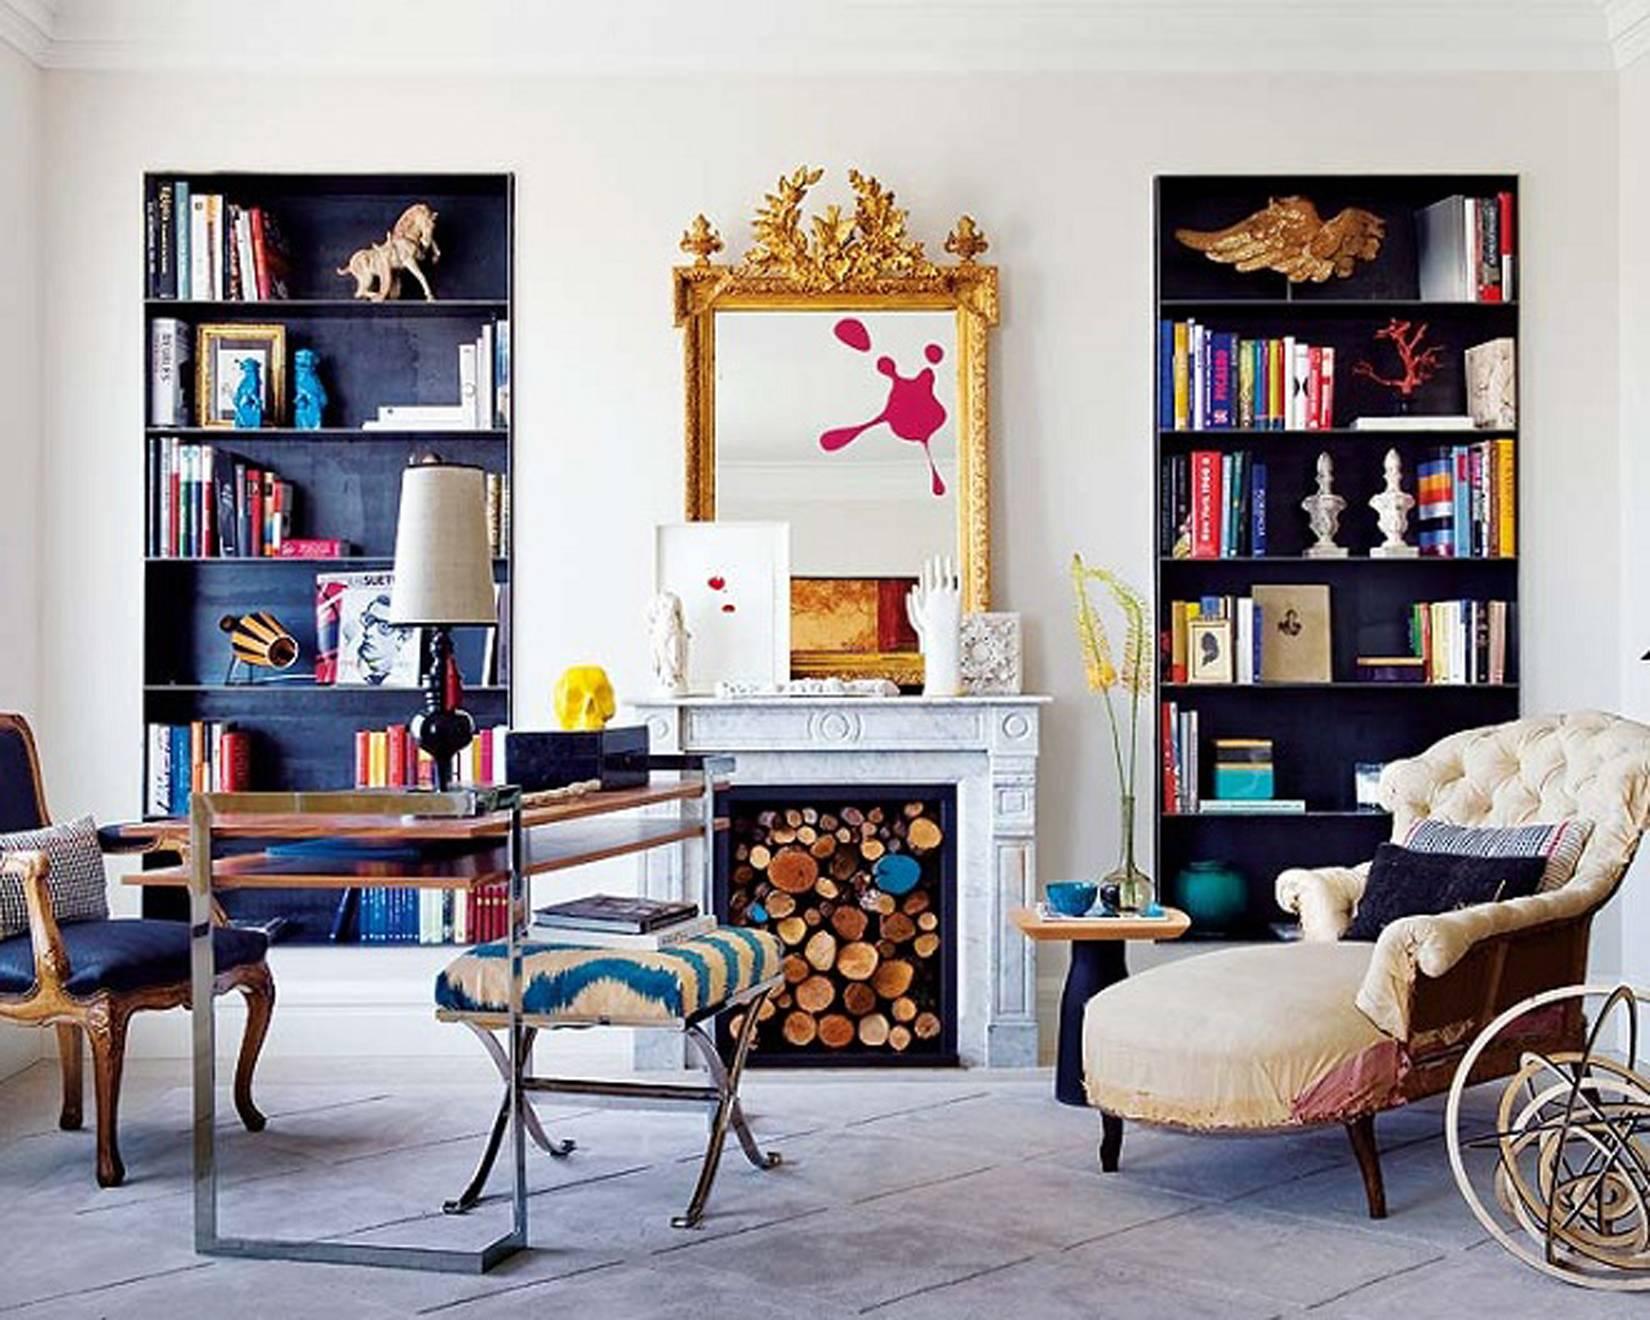 Дизайн интерьера в стиле эклектика: оформление, сочетание мебели, декор и украшение квартиры